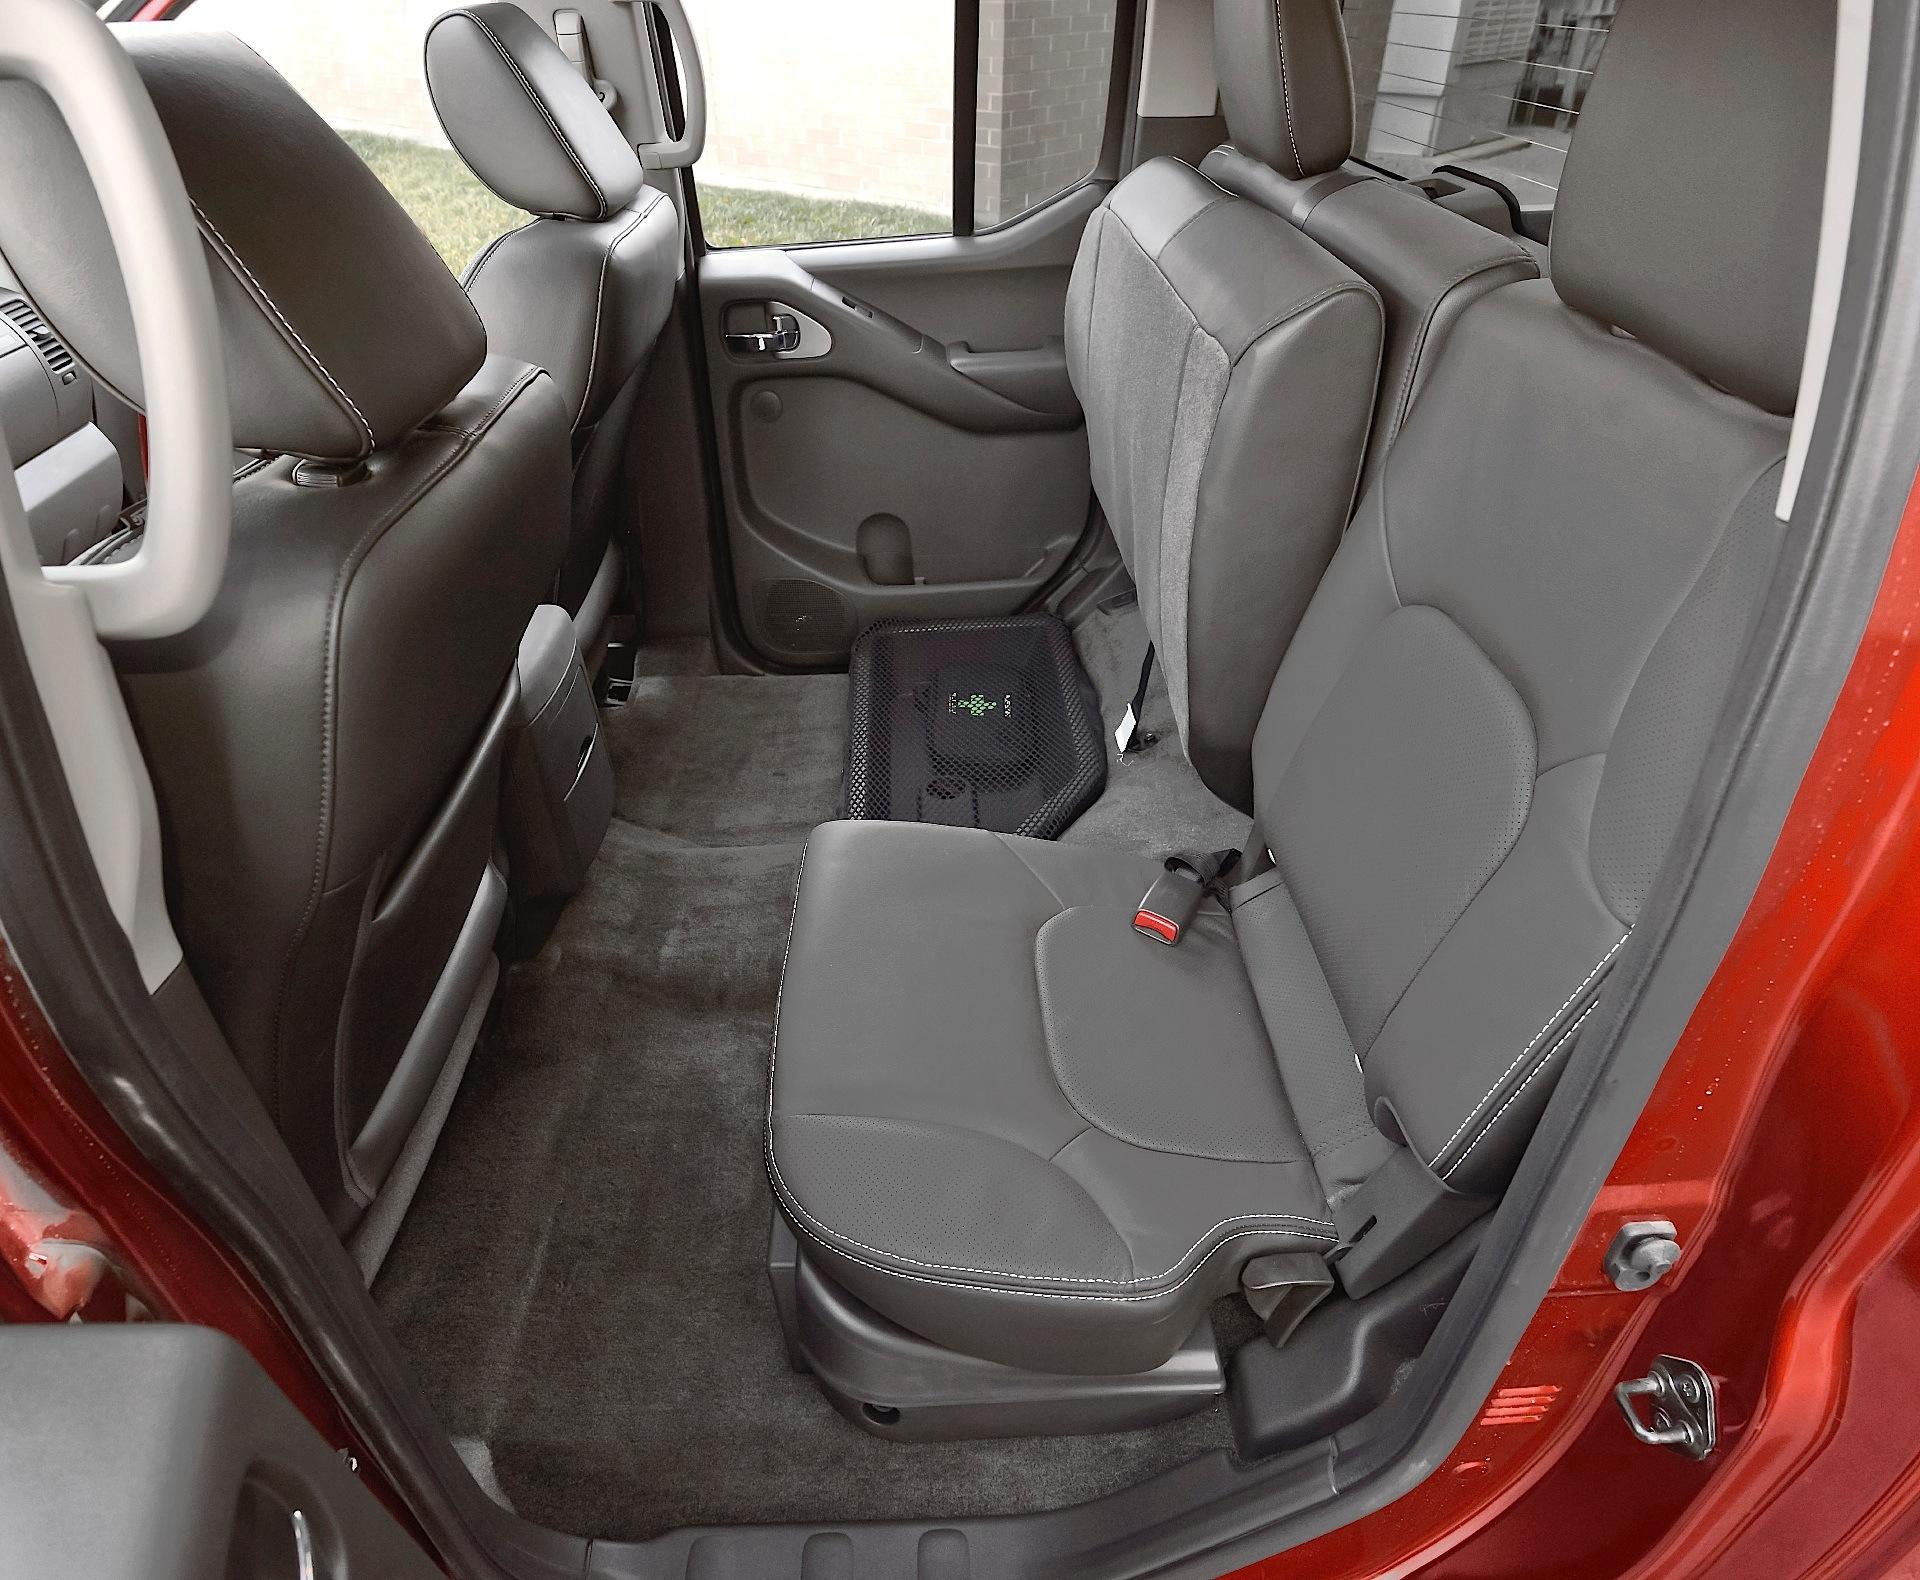 Nissan frontier specs 2009 2010 2011 2012 2013 2014 2015 nissan frontier 2009 present vanachro Gallery